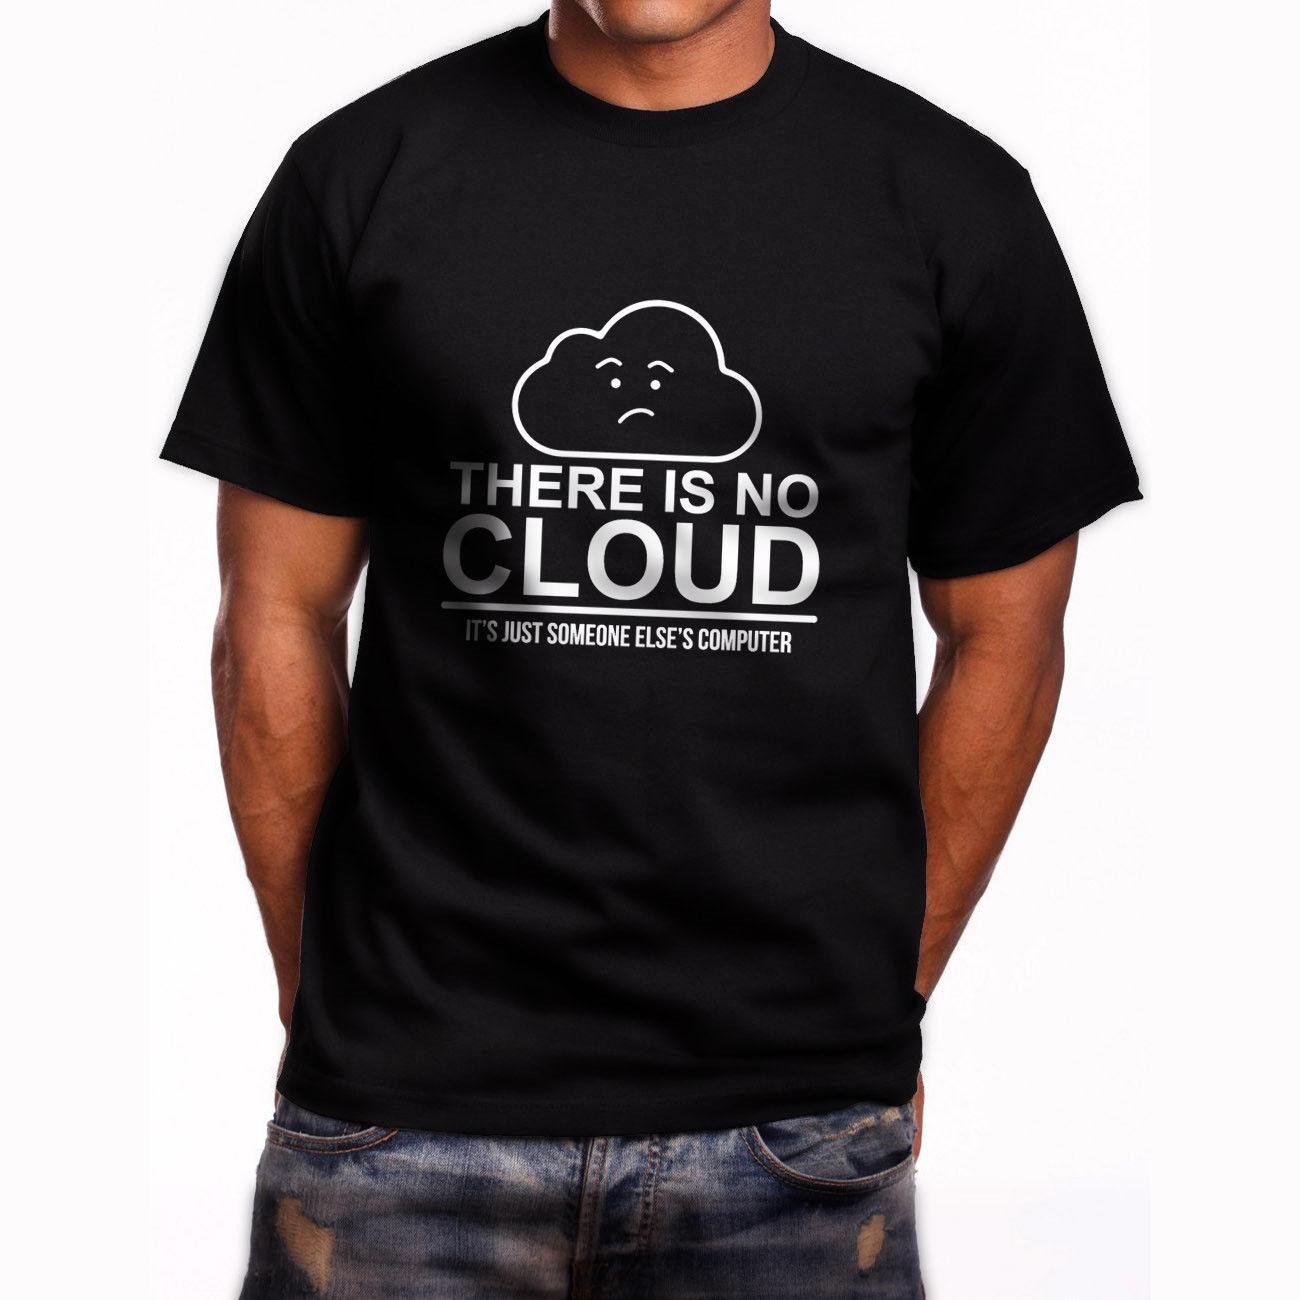 Без облако просто чужое компьютер короткий рукав Для мужчин черный футболка S-5XL